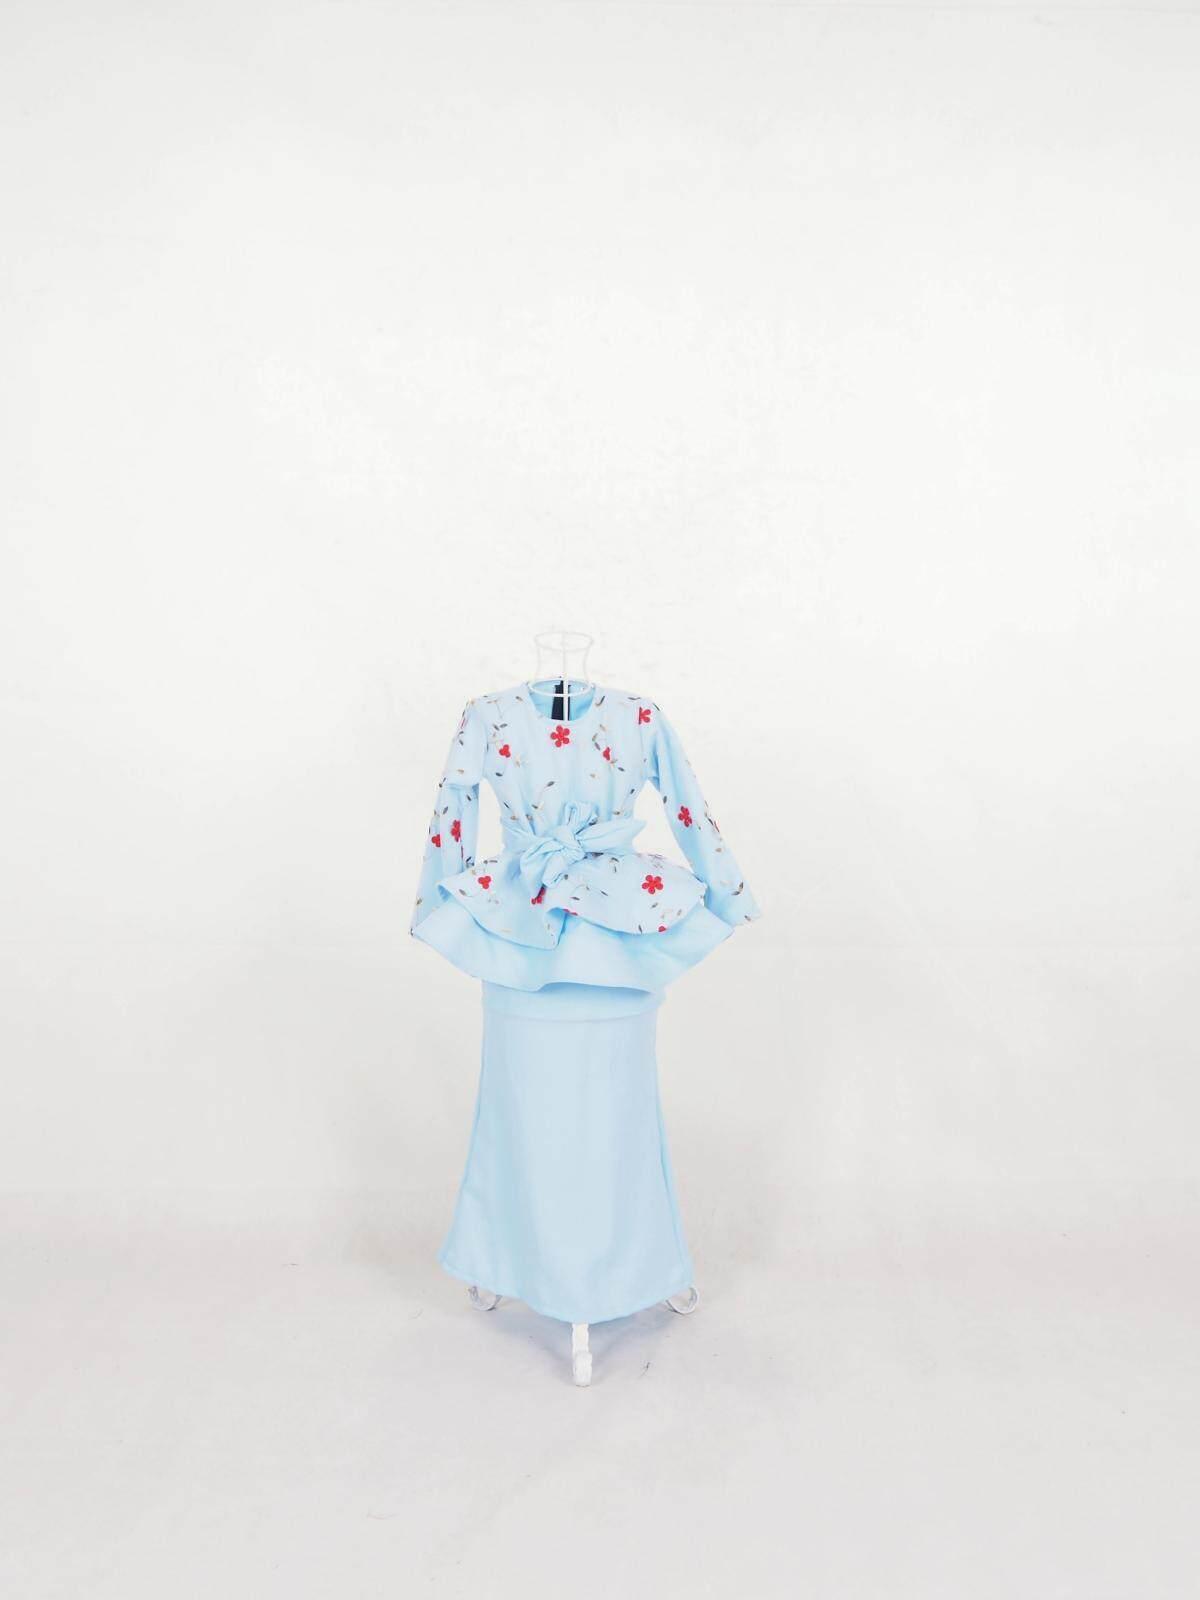 Muslim Kid Rose Net Peplum Baju Kurung / Anisa Peplum Rose Net Baju Kurung Kids (7-12Years) / Kanak-Kanak / Budak-budak / Girls Dresses / Ready Stock / Moden Baju Kurung kid 2021 / Murah / Ship from Malaysia / Hot Product